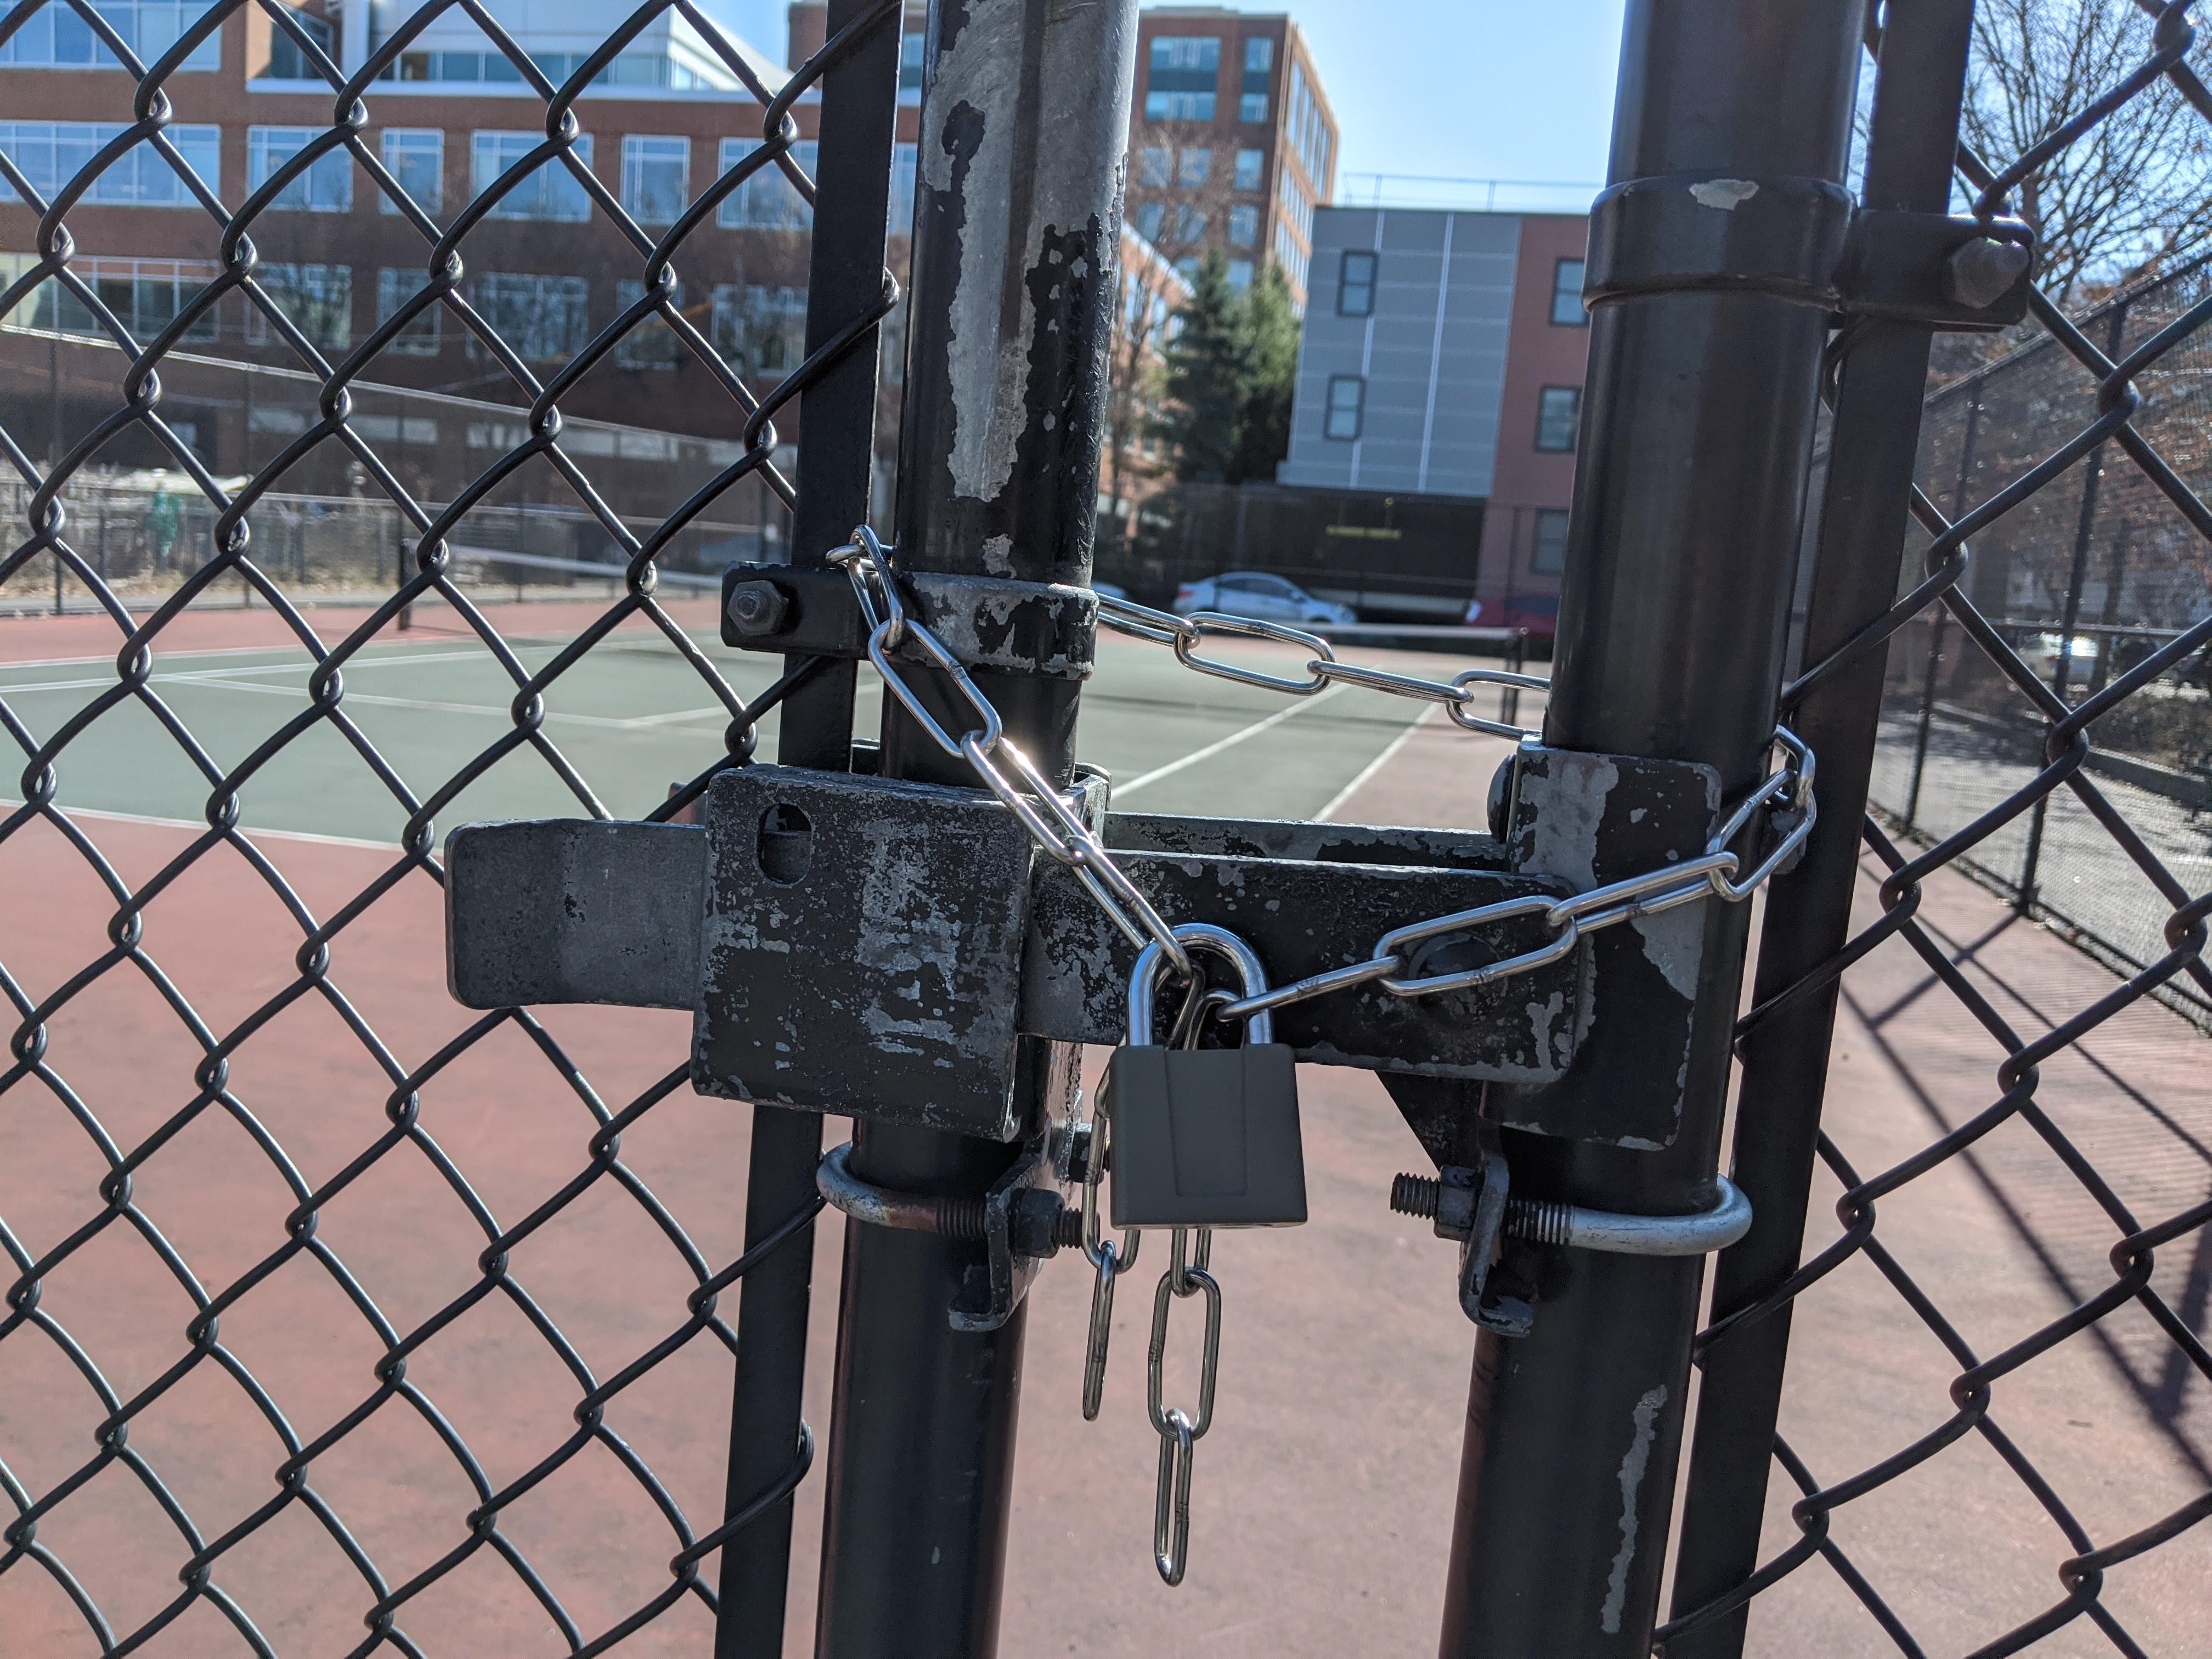 [locked tennis court]